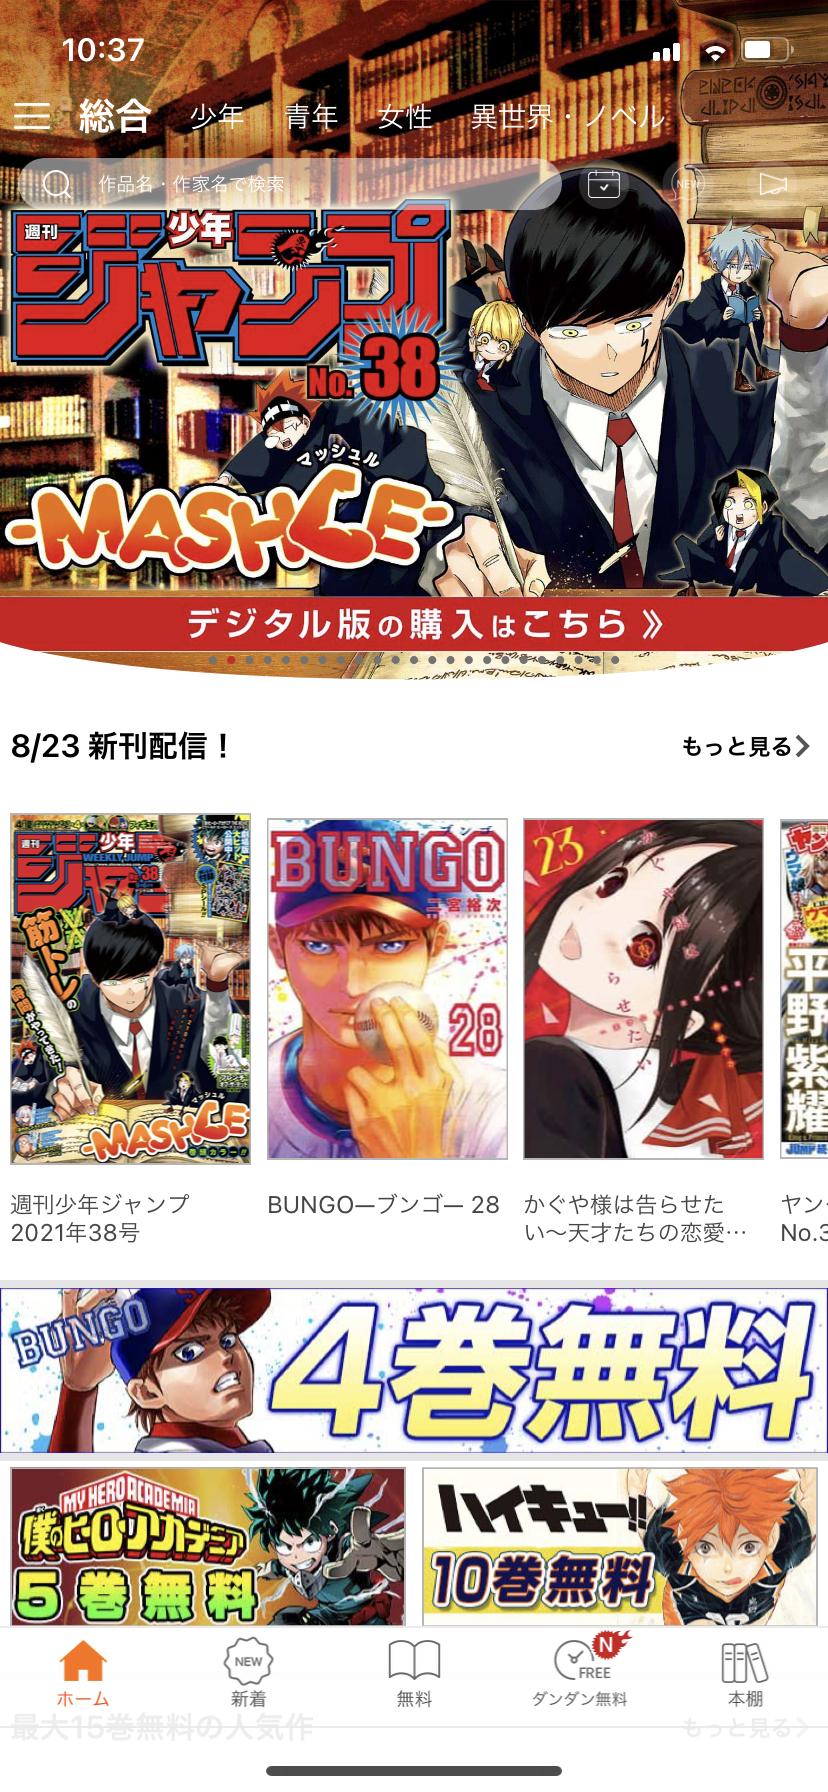 集英社(SHUEISHA) ジャンプBOOKストア!に関するヨコさんの口コミ画像1